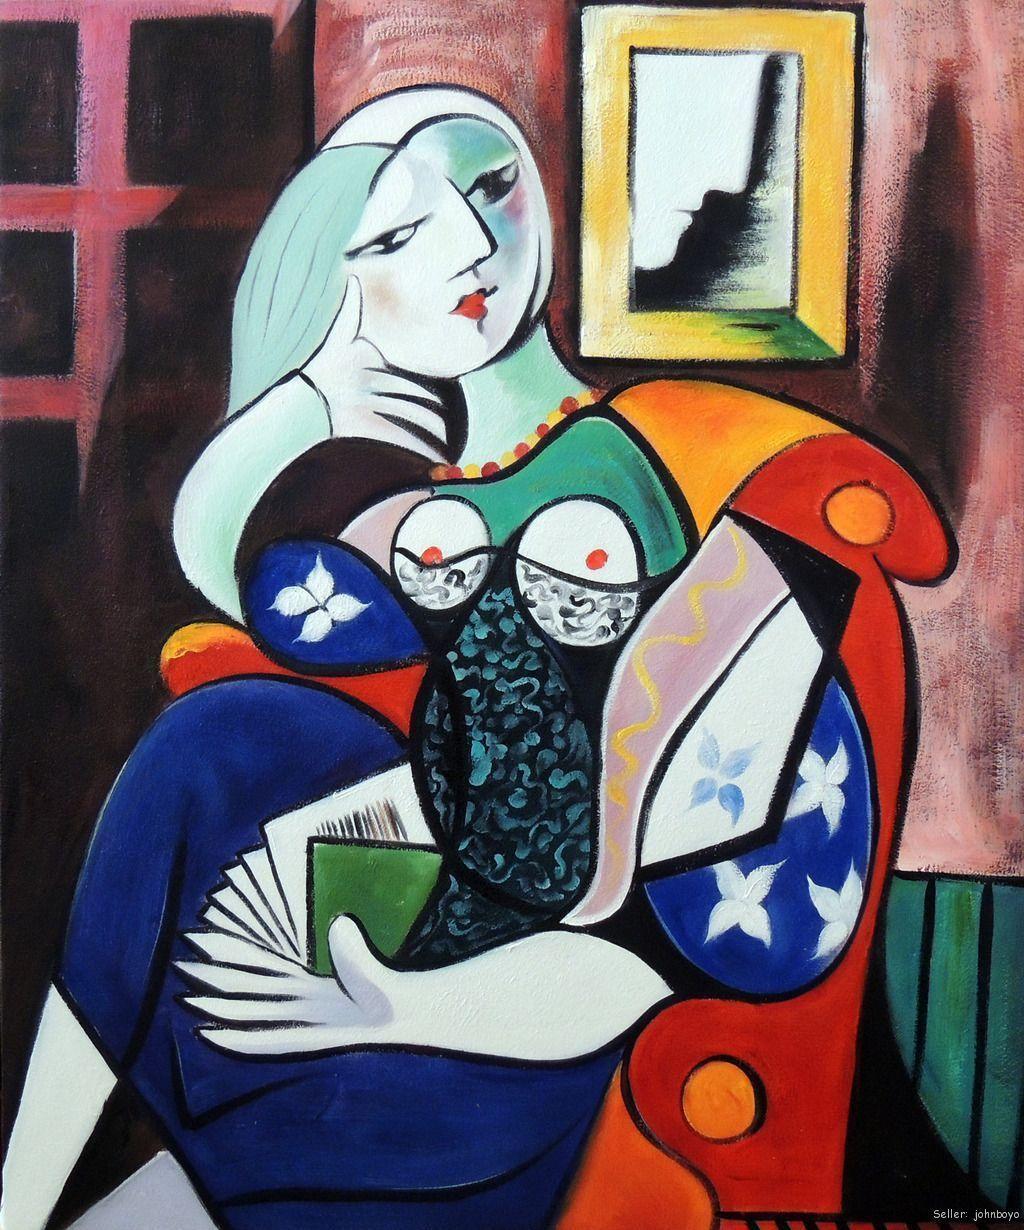 Pablo Picasso. Mujer con libro. 1932